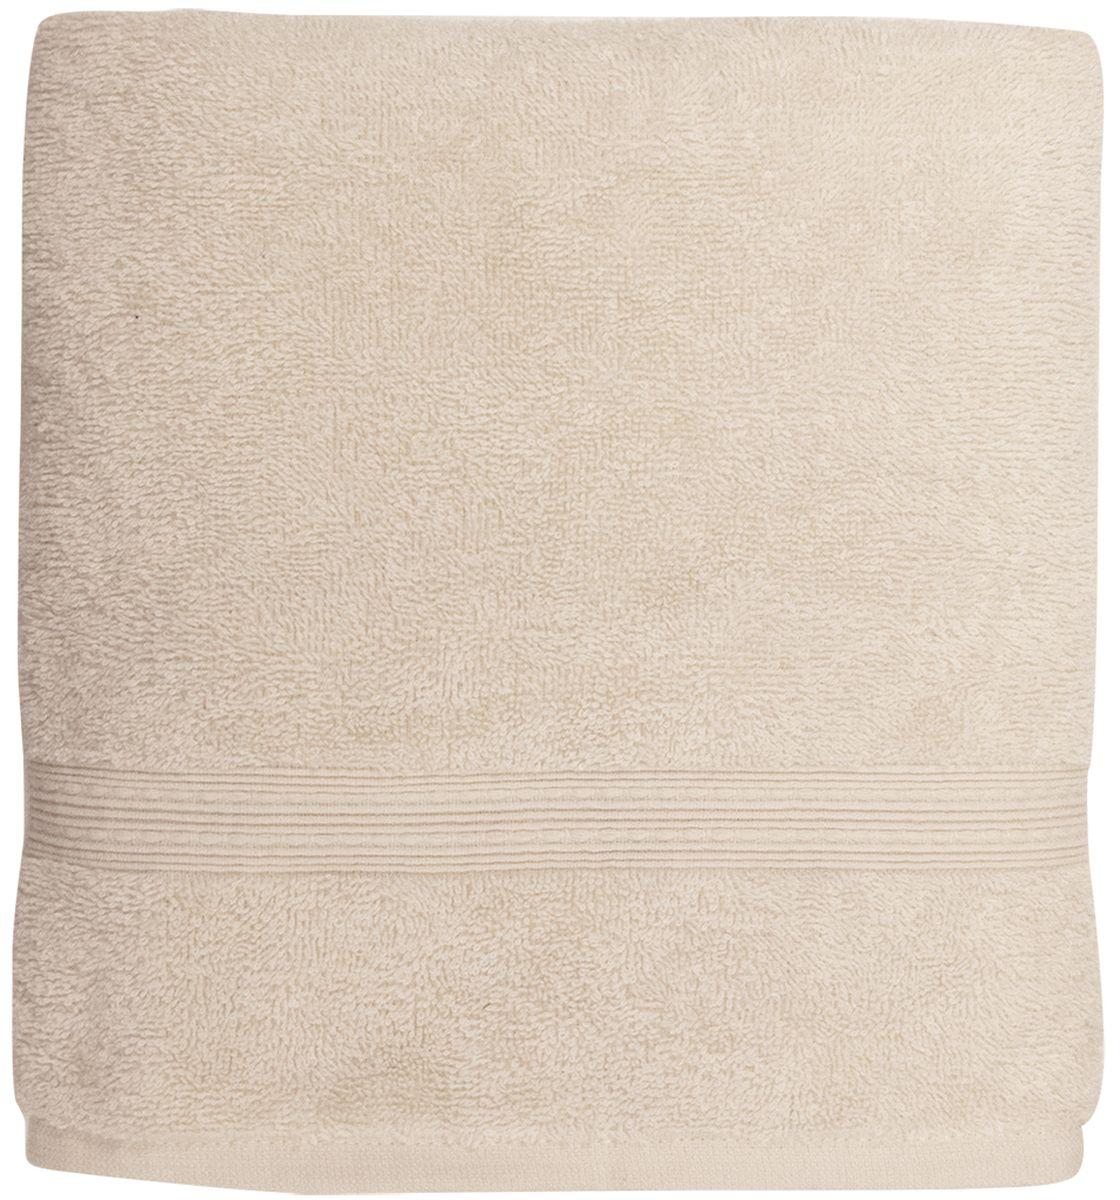 Полотенце банное Bonita Classic, цвет: кремовый, 70 х 140 см1011217221Банное полотенце Bonita Classic выполнено из 100% хлопка. Изделие отлично впитывает влагу, быстро сохнет, сохраняет яркость цвета и не теряет форму даже после многократных стирок. Такое полотенце очень практично и неприхотливо в уходе. Оно создаст прекрасное настроение и украсит интерьер в ванной комнате.